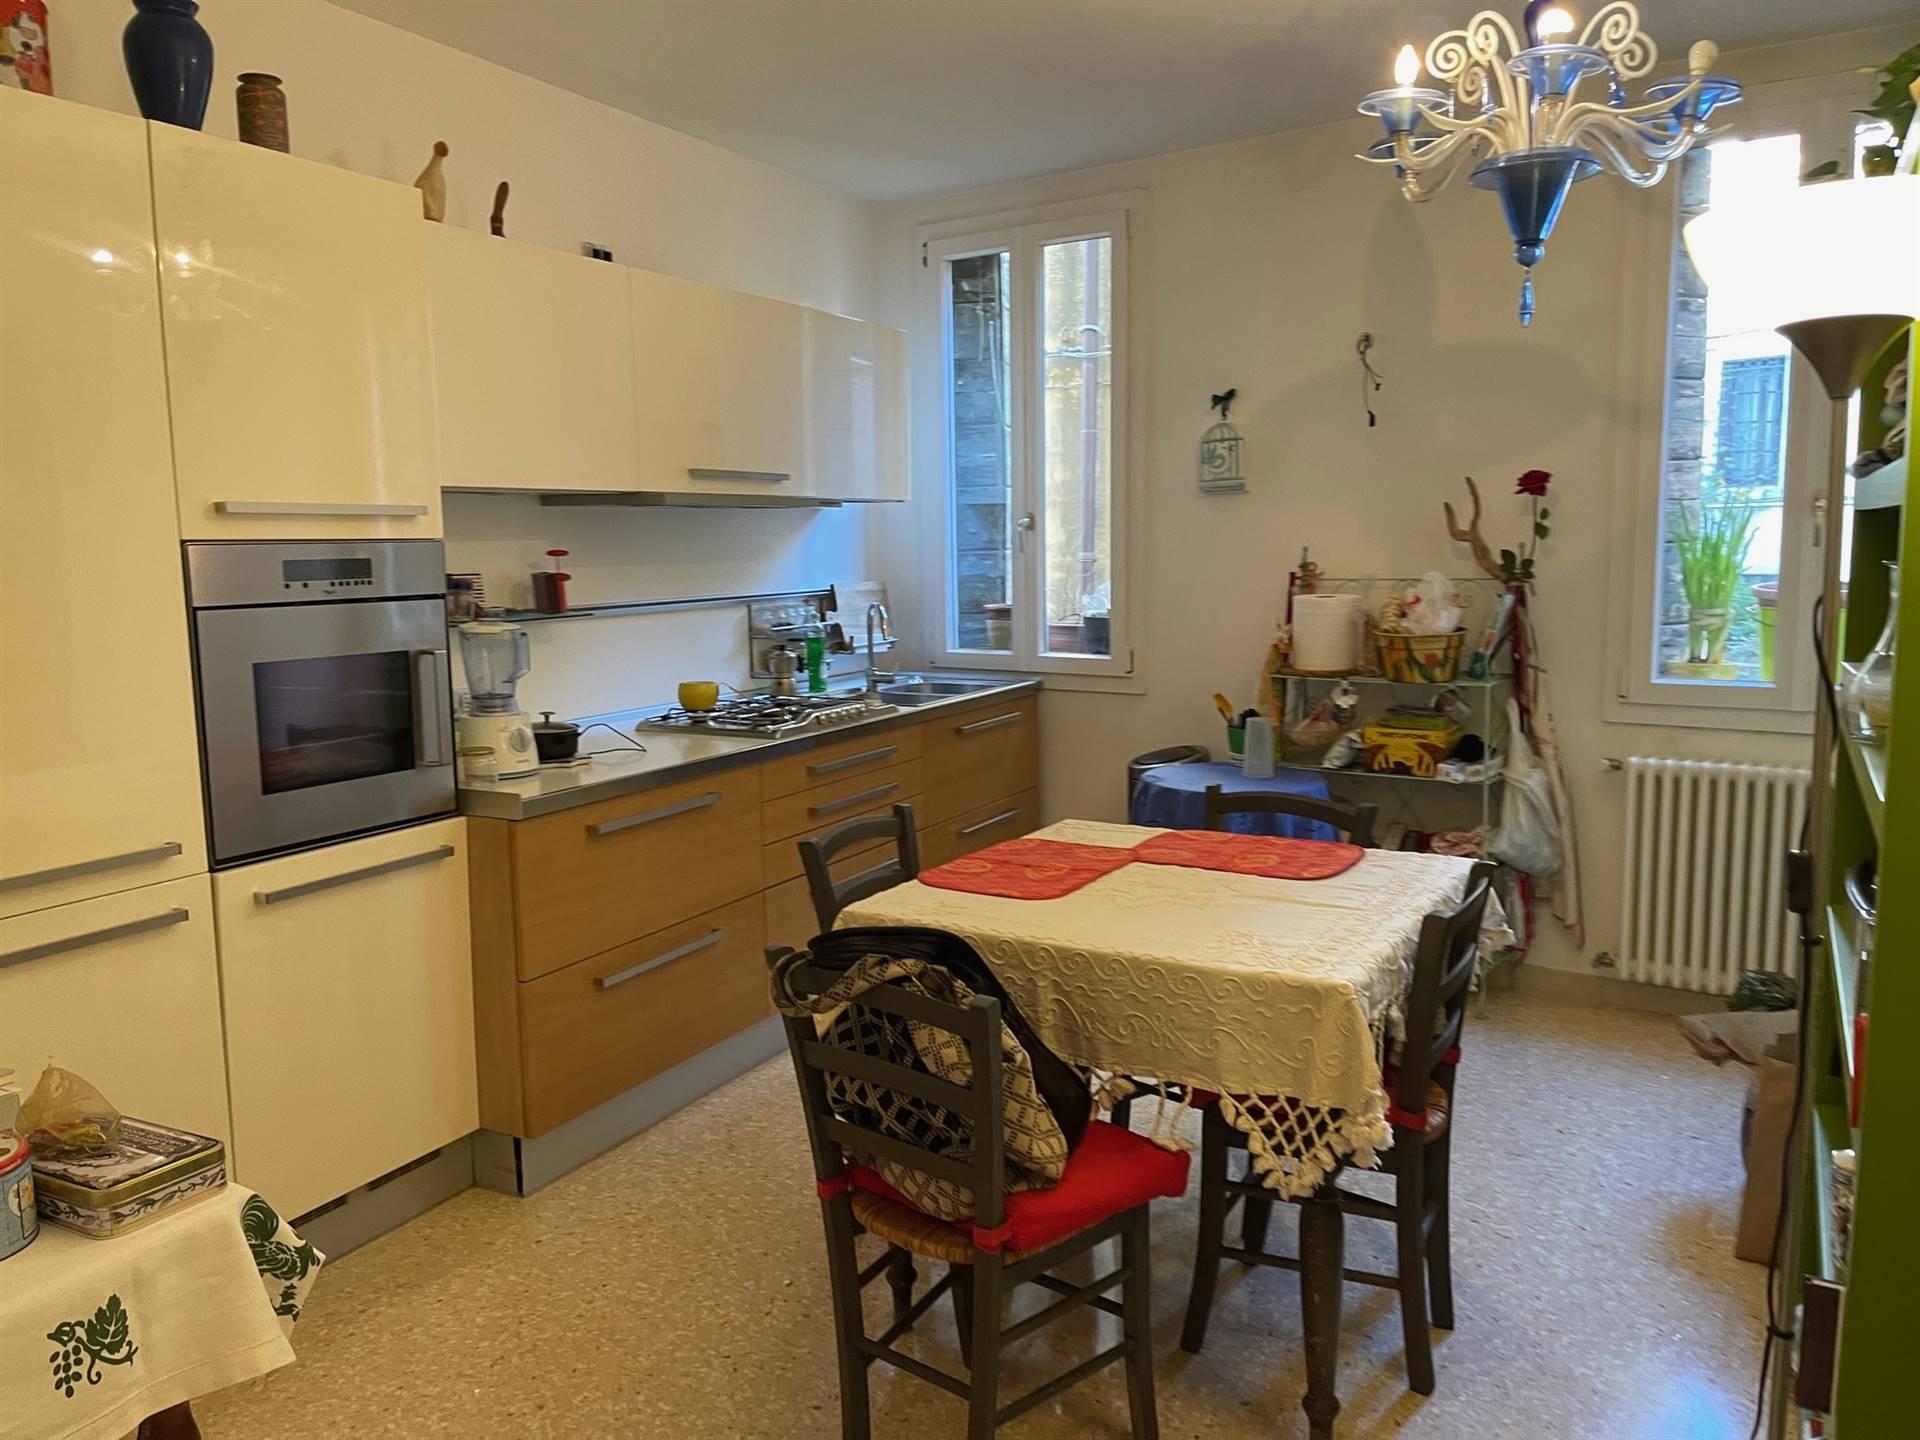 cucina appartamento primo piano Venezia